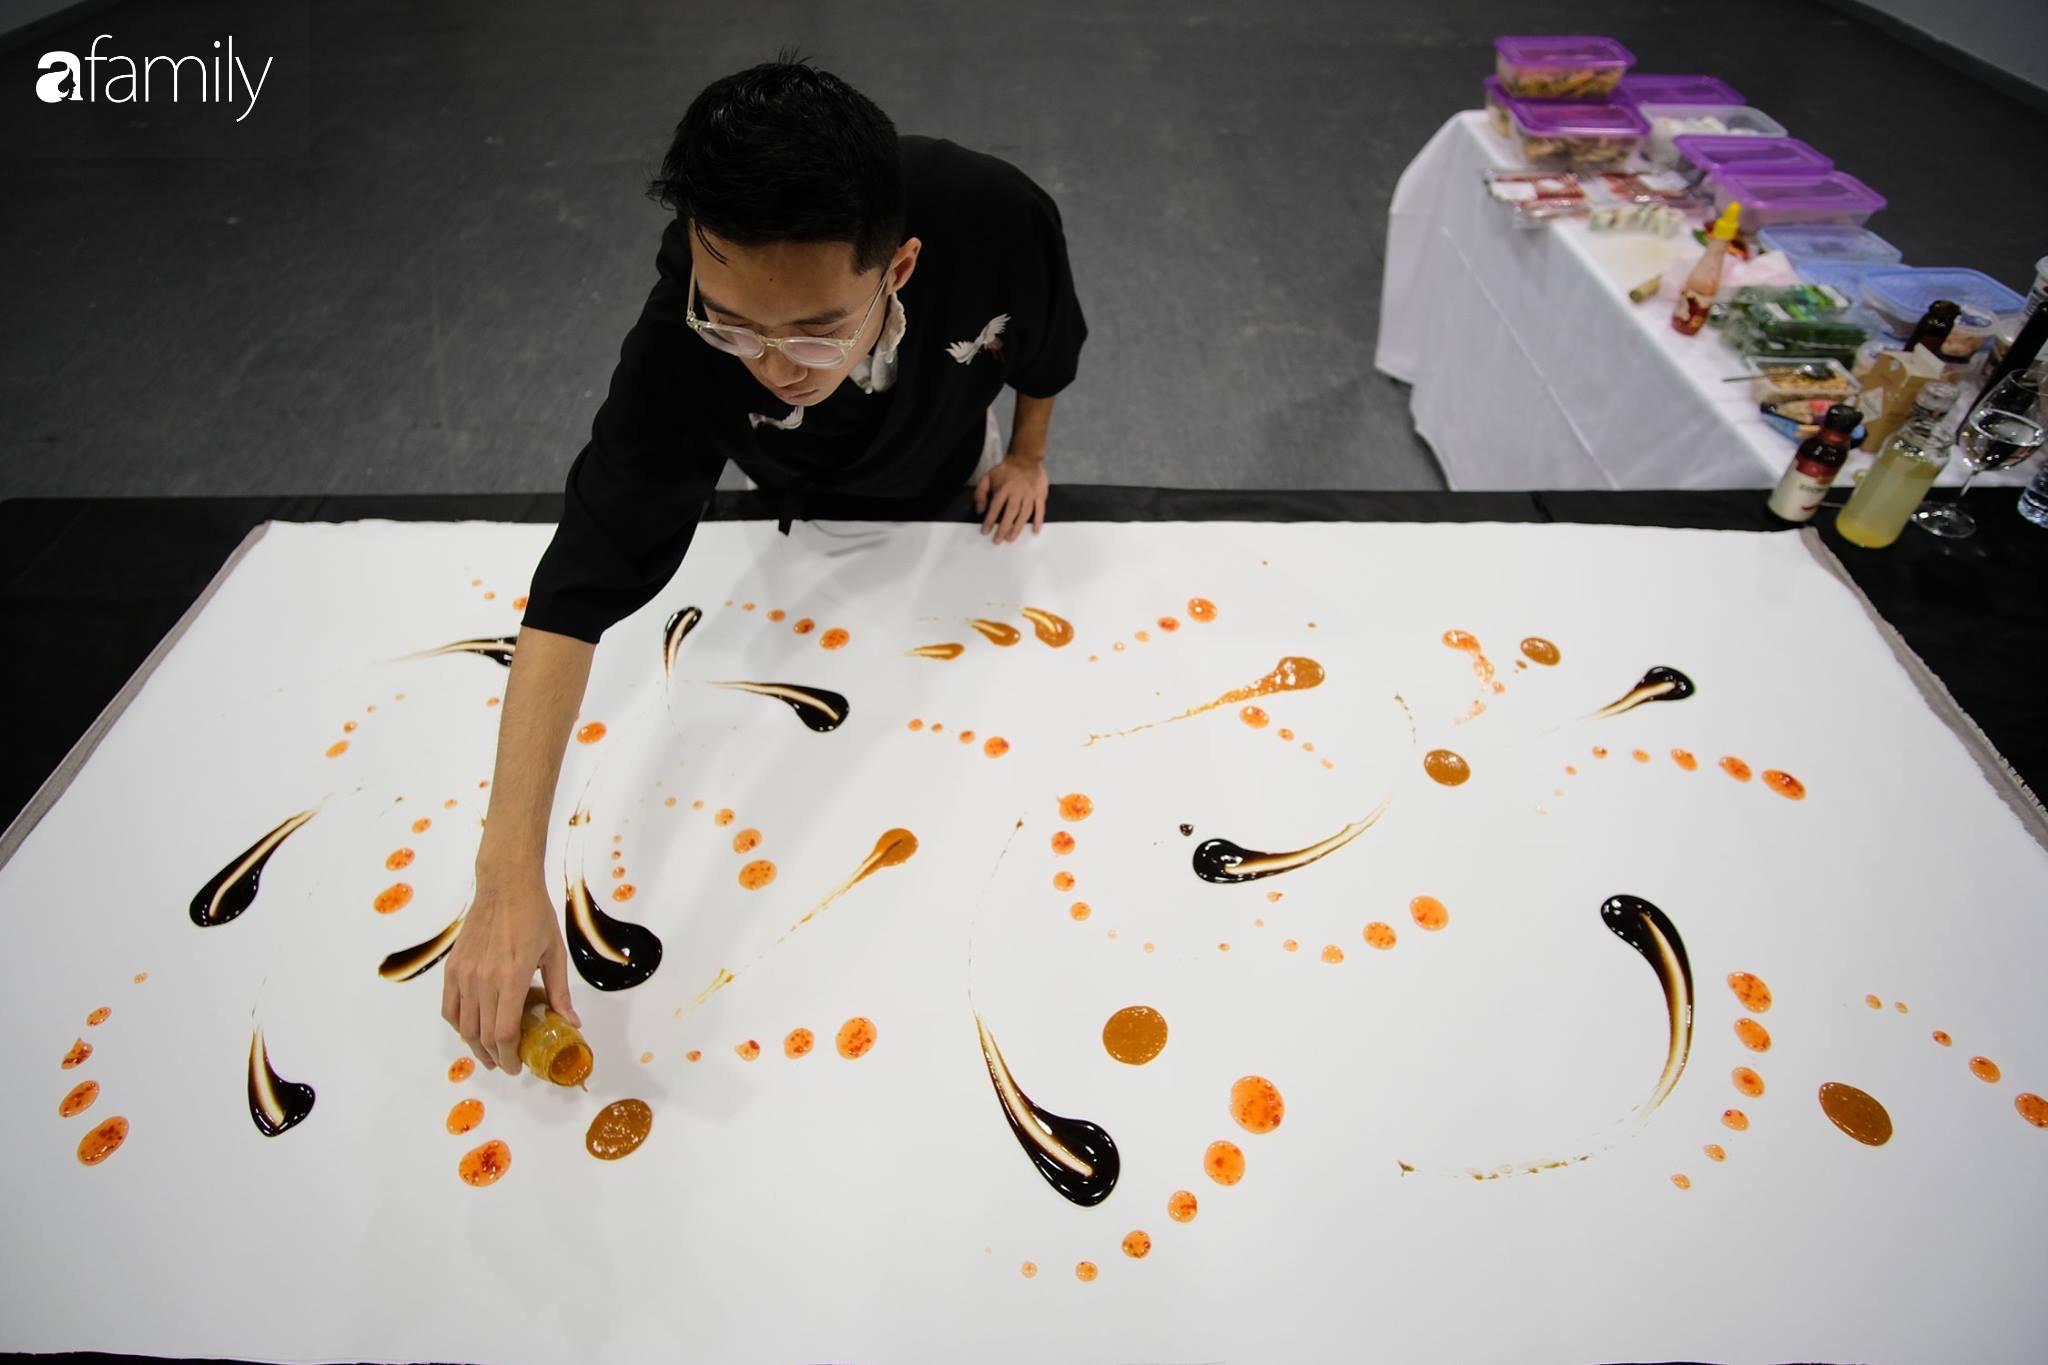 """Trò chuyện với chàng du học sinh người Việt đang nổi đình đám nhờ tài vừa nấu vừa """"vẽ"""" bằng đồ ăn: """"Em sẽ thiết kế và kiêm luôn đầu bếp nhà hàng của riêng mình"""" - Ảnh 9."""